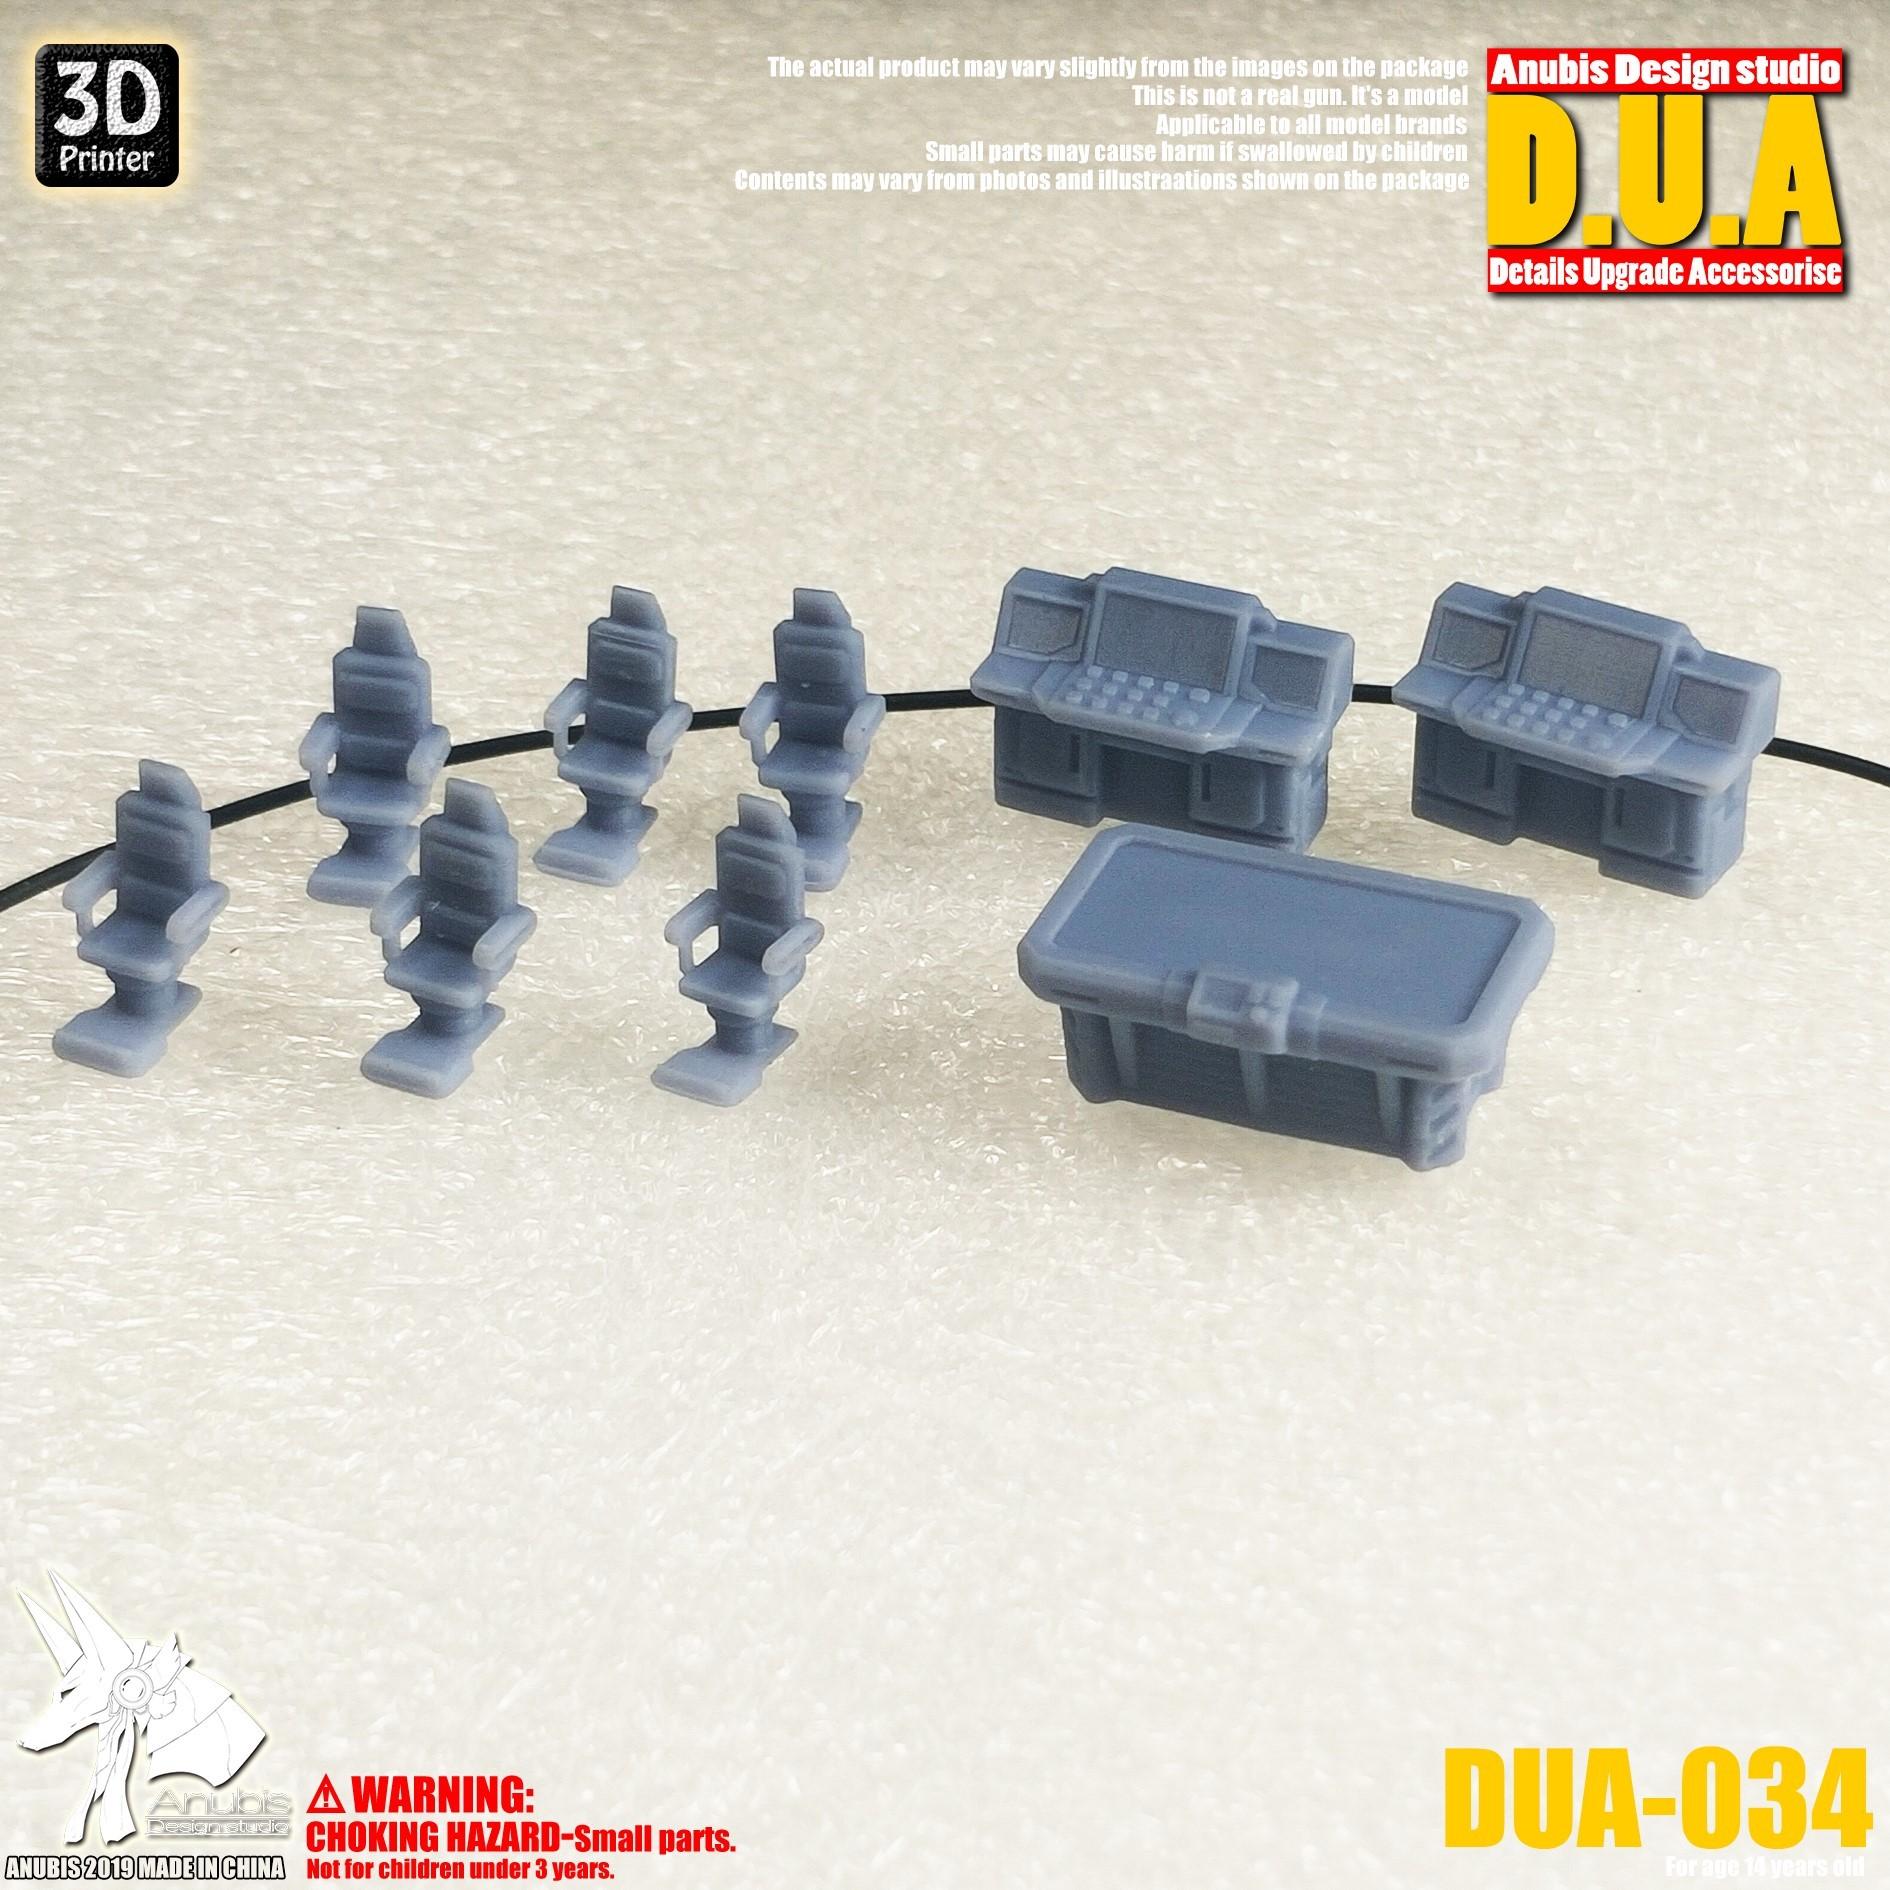 G413_DUA034_002.jpg